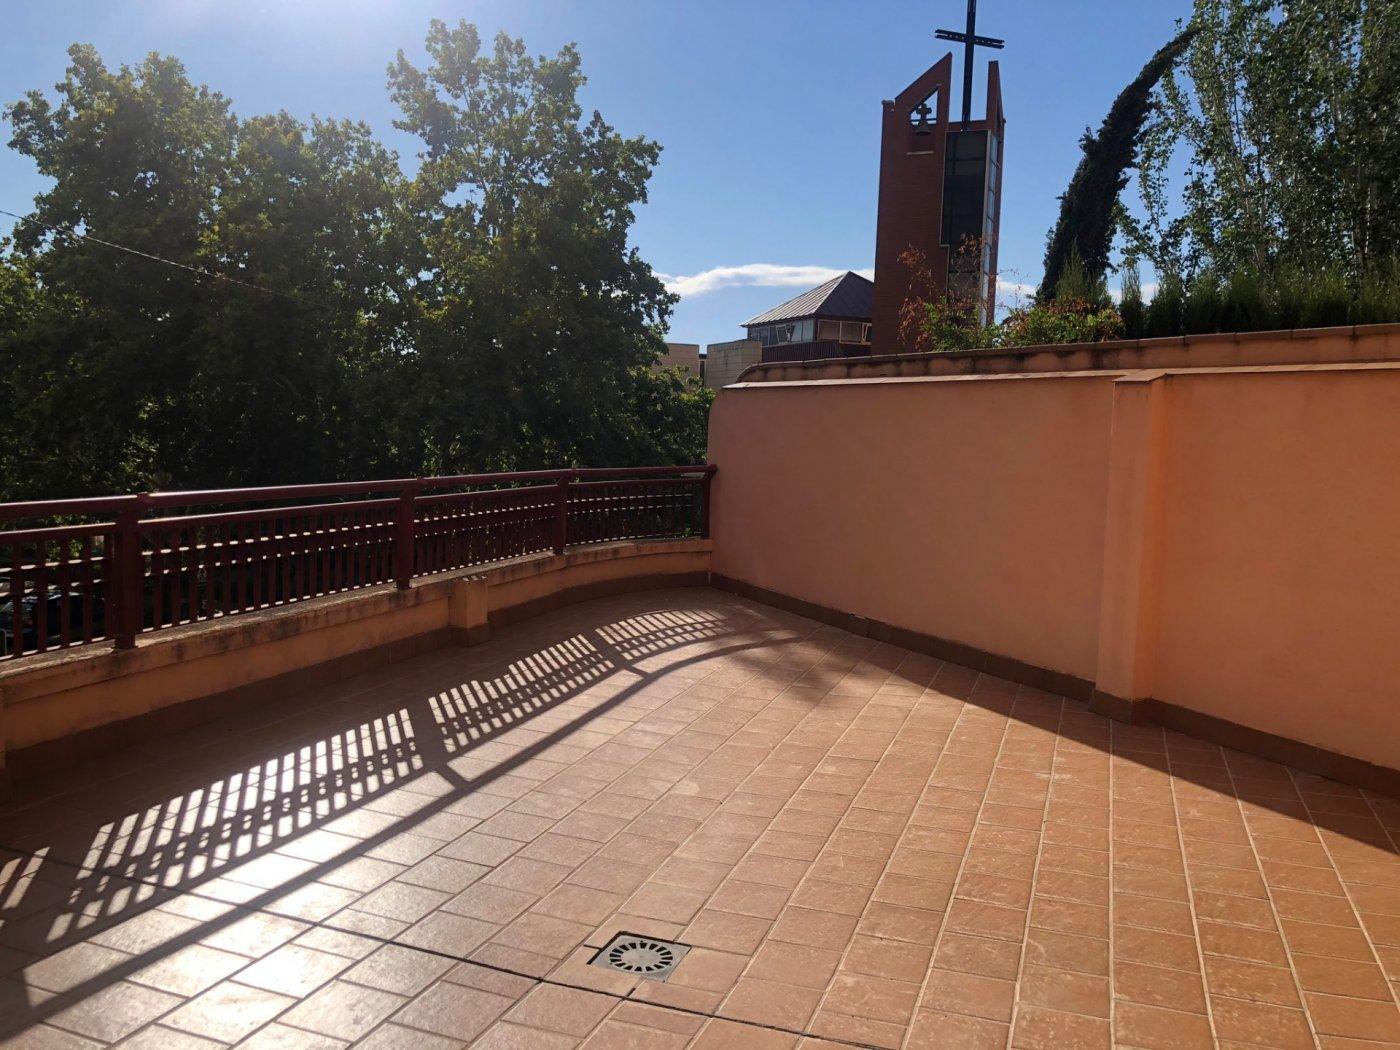 Piso con terraza y patio interior